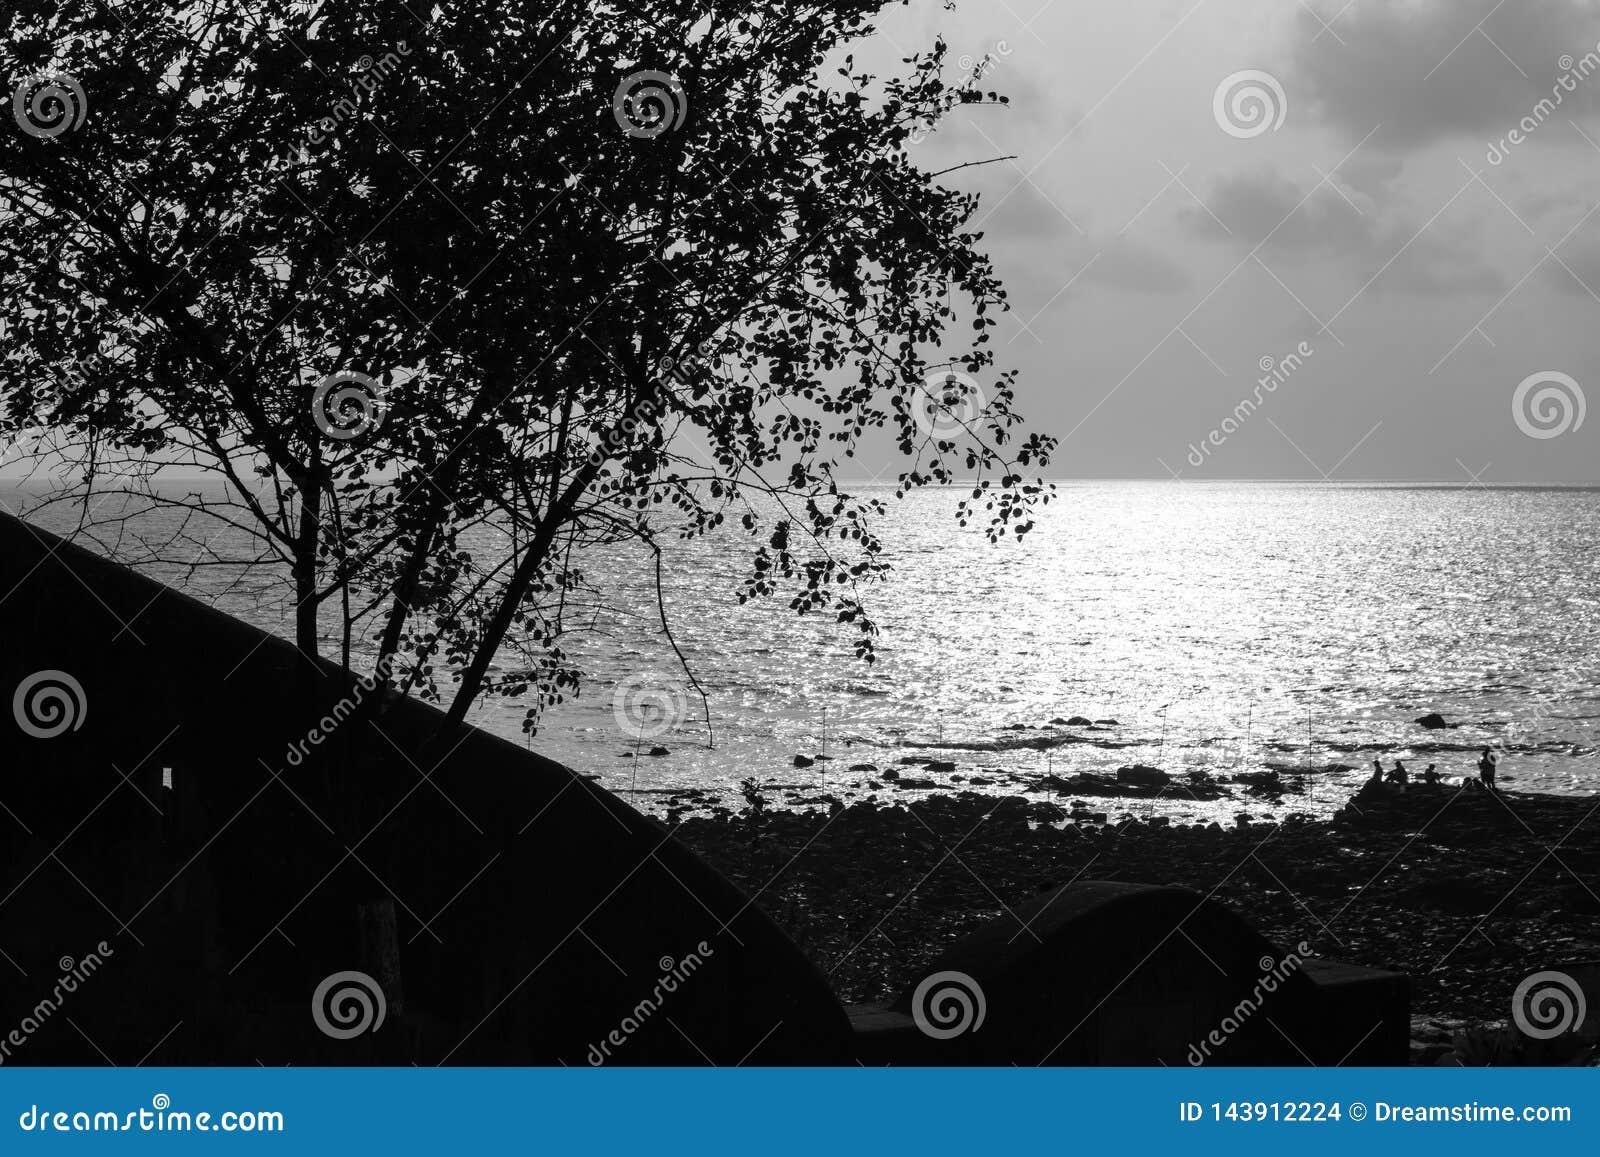 Mały drzewo z cierniami oprócz plaży